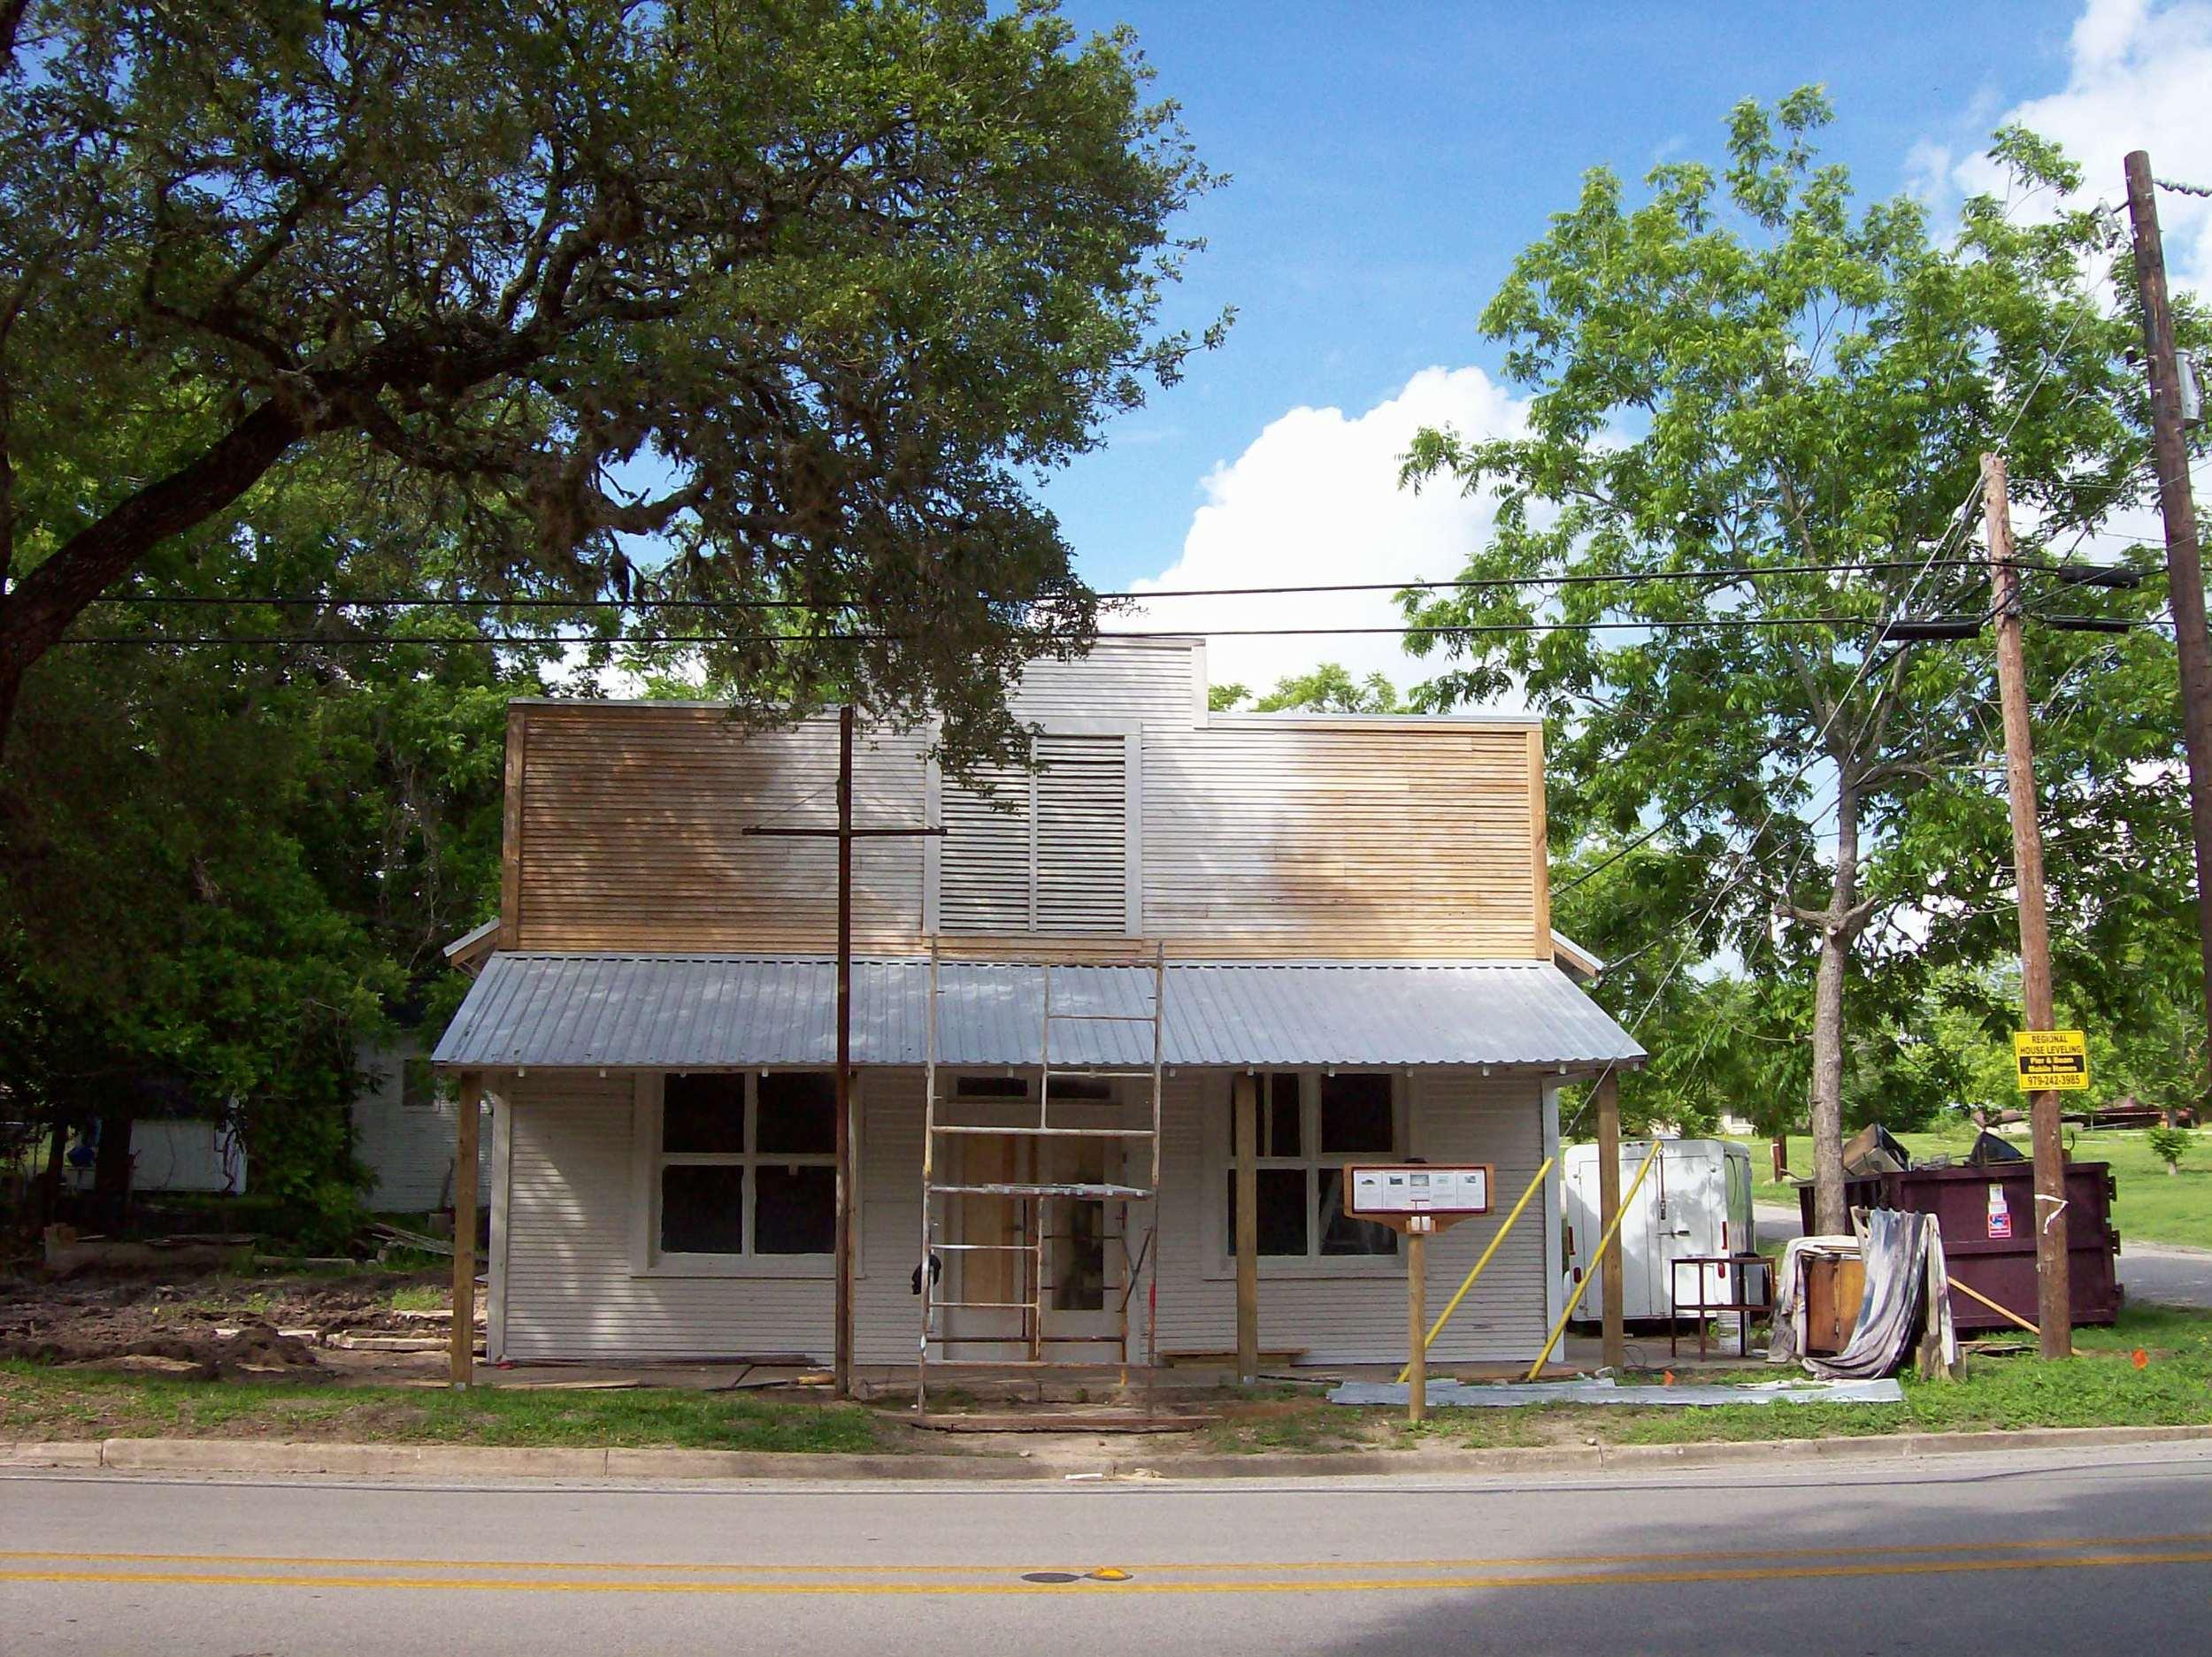 White Horse Cafe, 2006